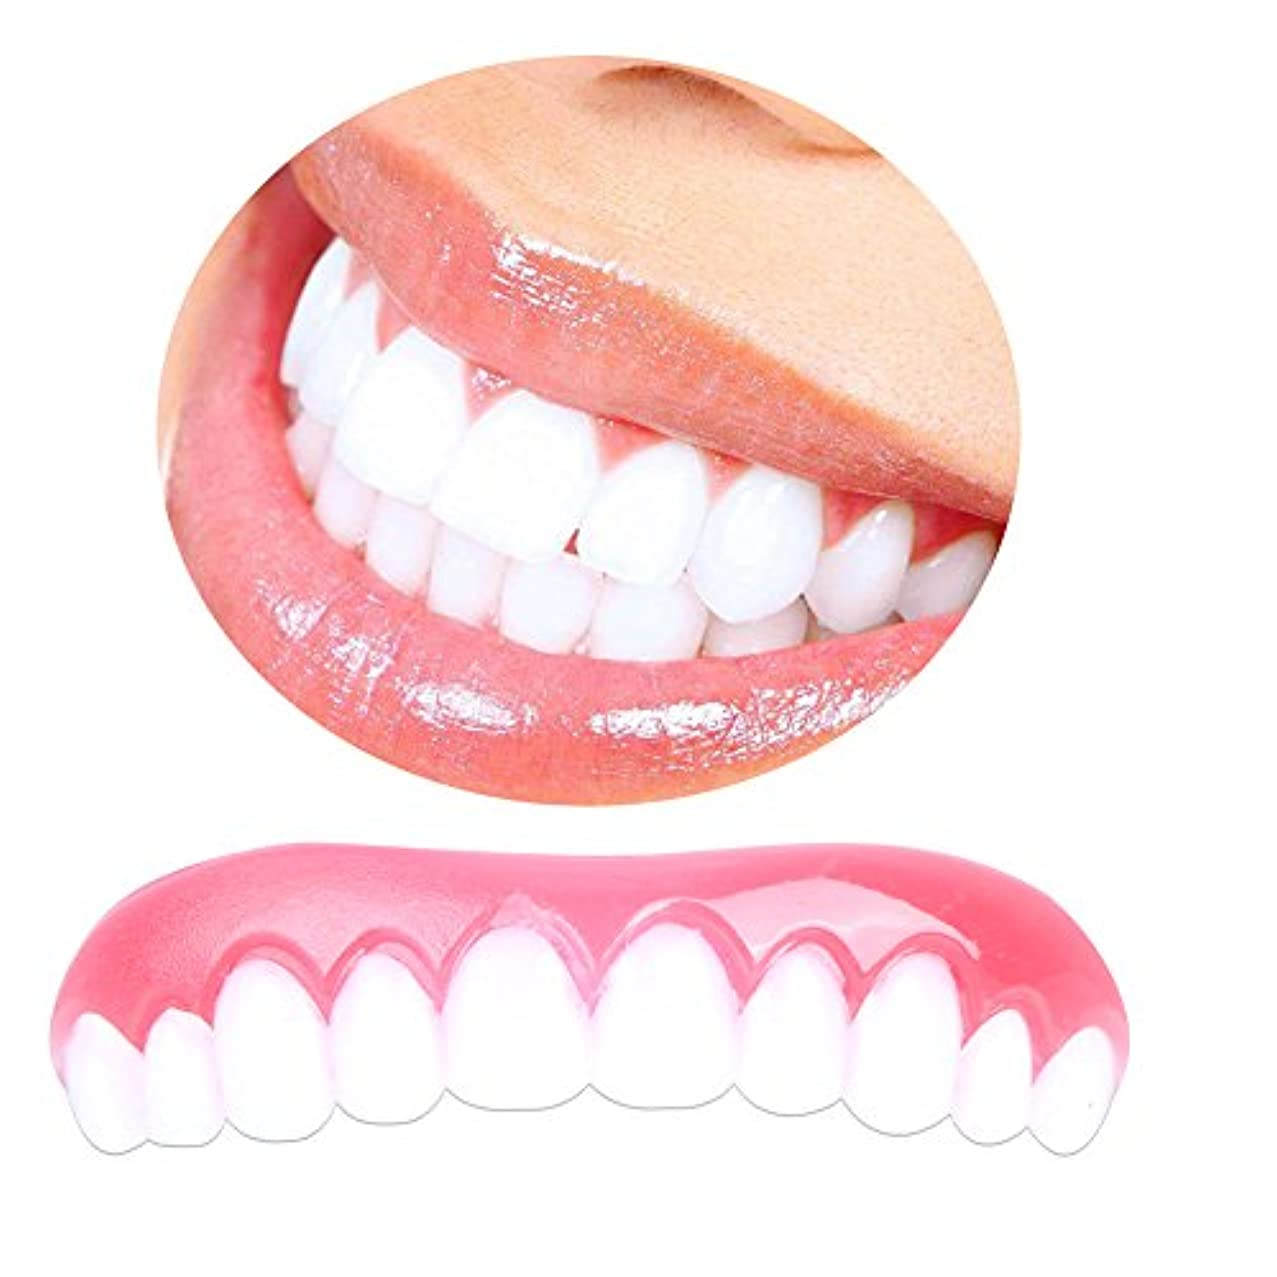 確立十分なビーズ2個パーフェクトスマイルベニヤダブの歯の修正のための在庫の悪い歯のためのパーフェクトスマイルベニヤ歯のホワイトニング